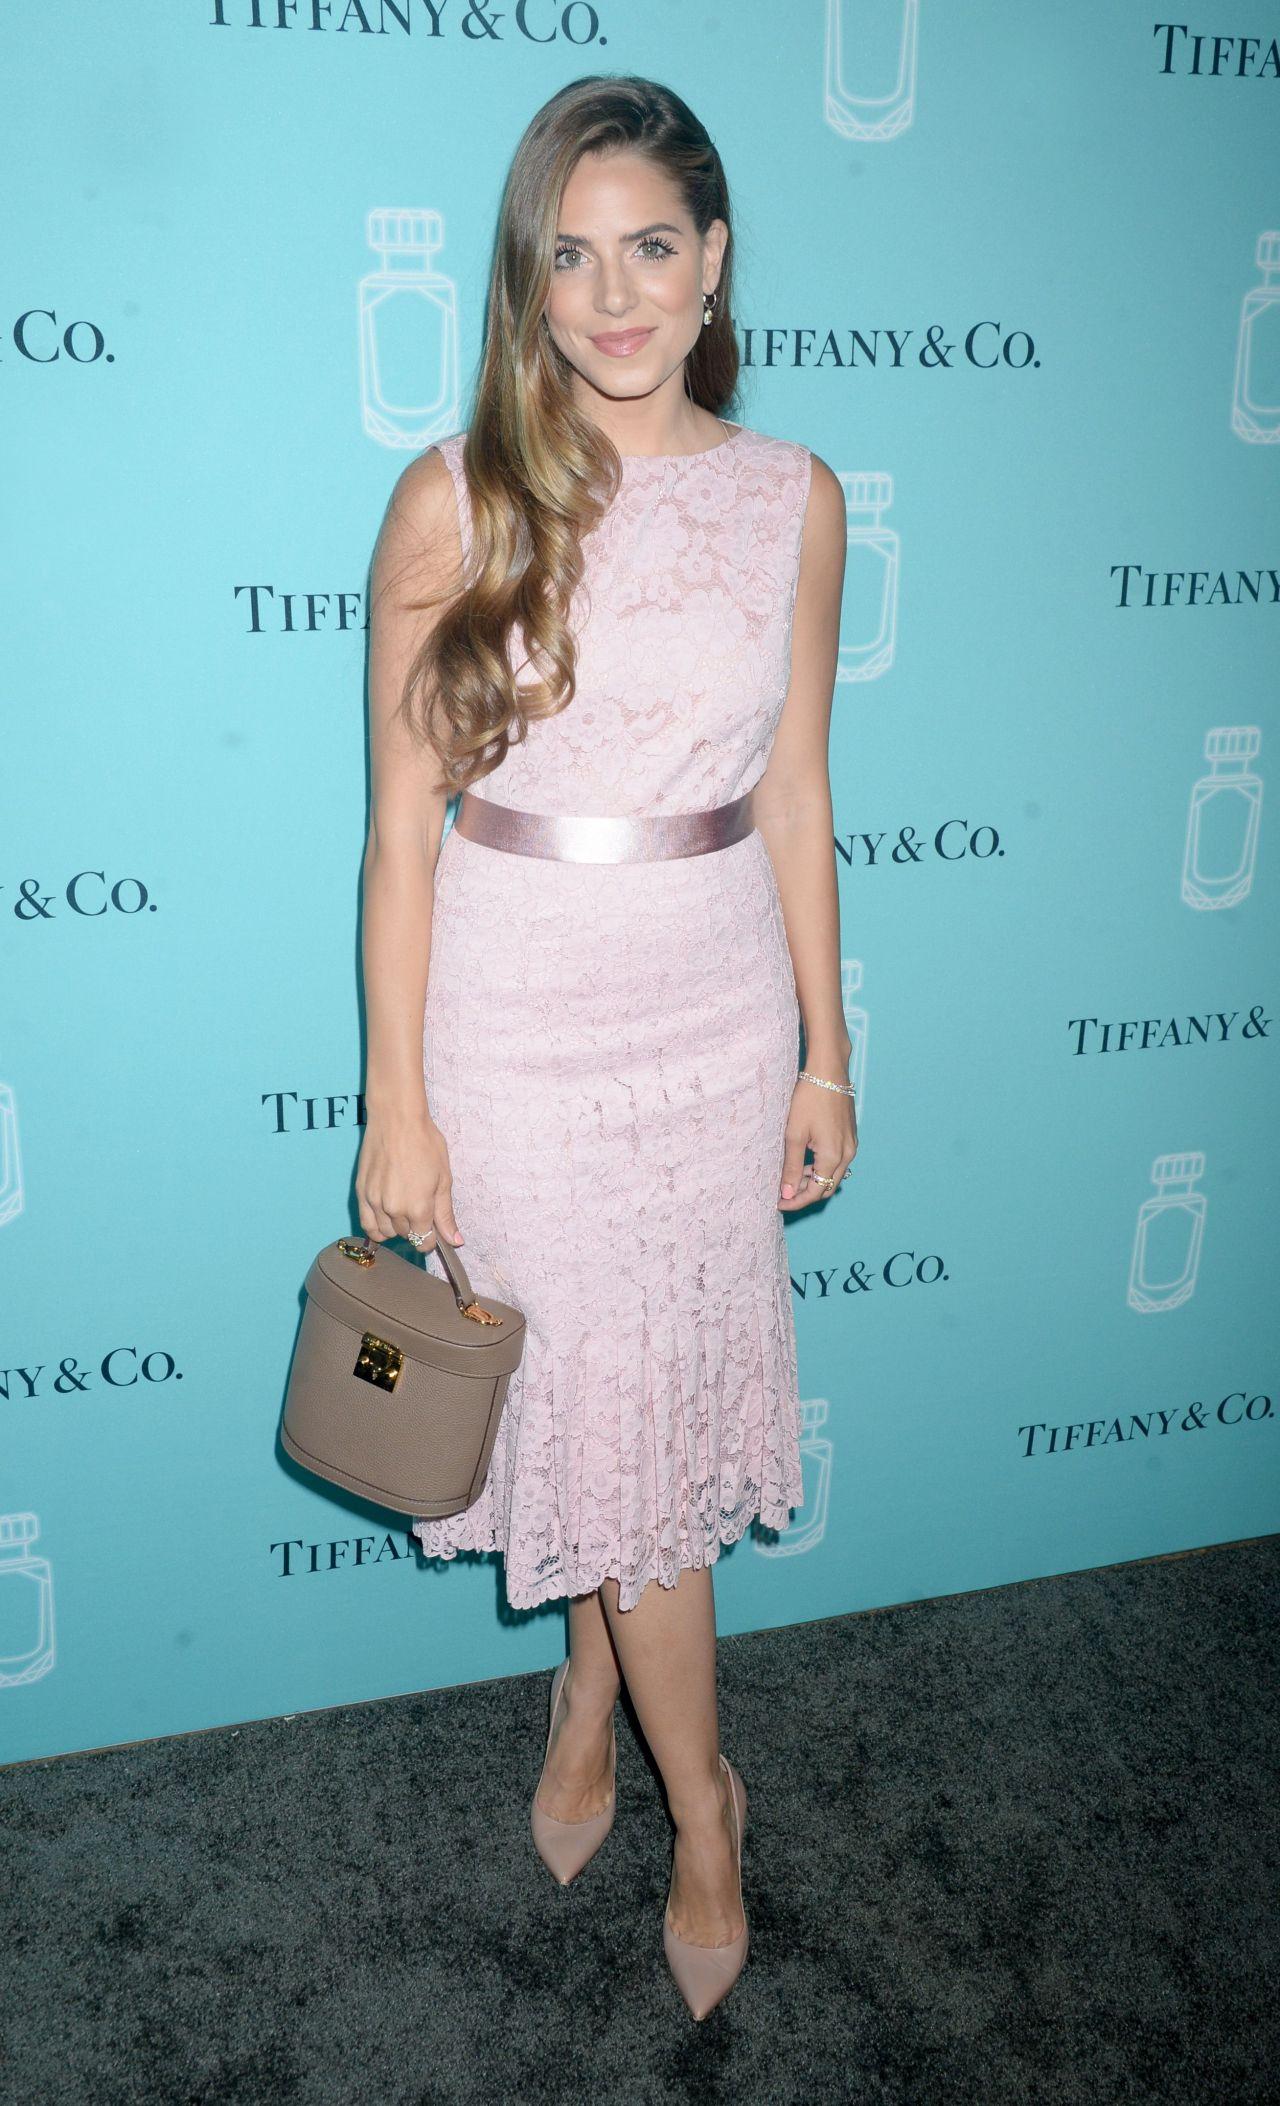 Engel – Tiffany & Co Fragrance Launch in NYC 09/06/2017